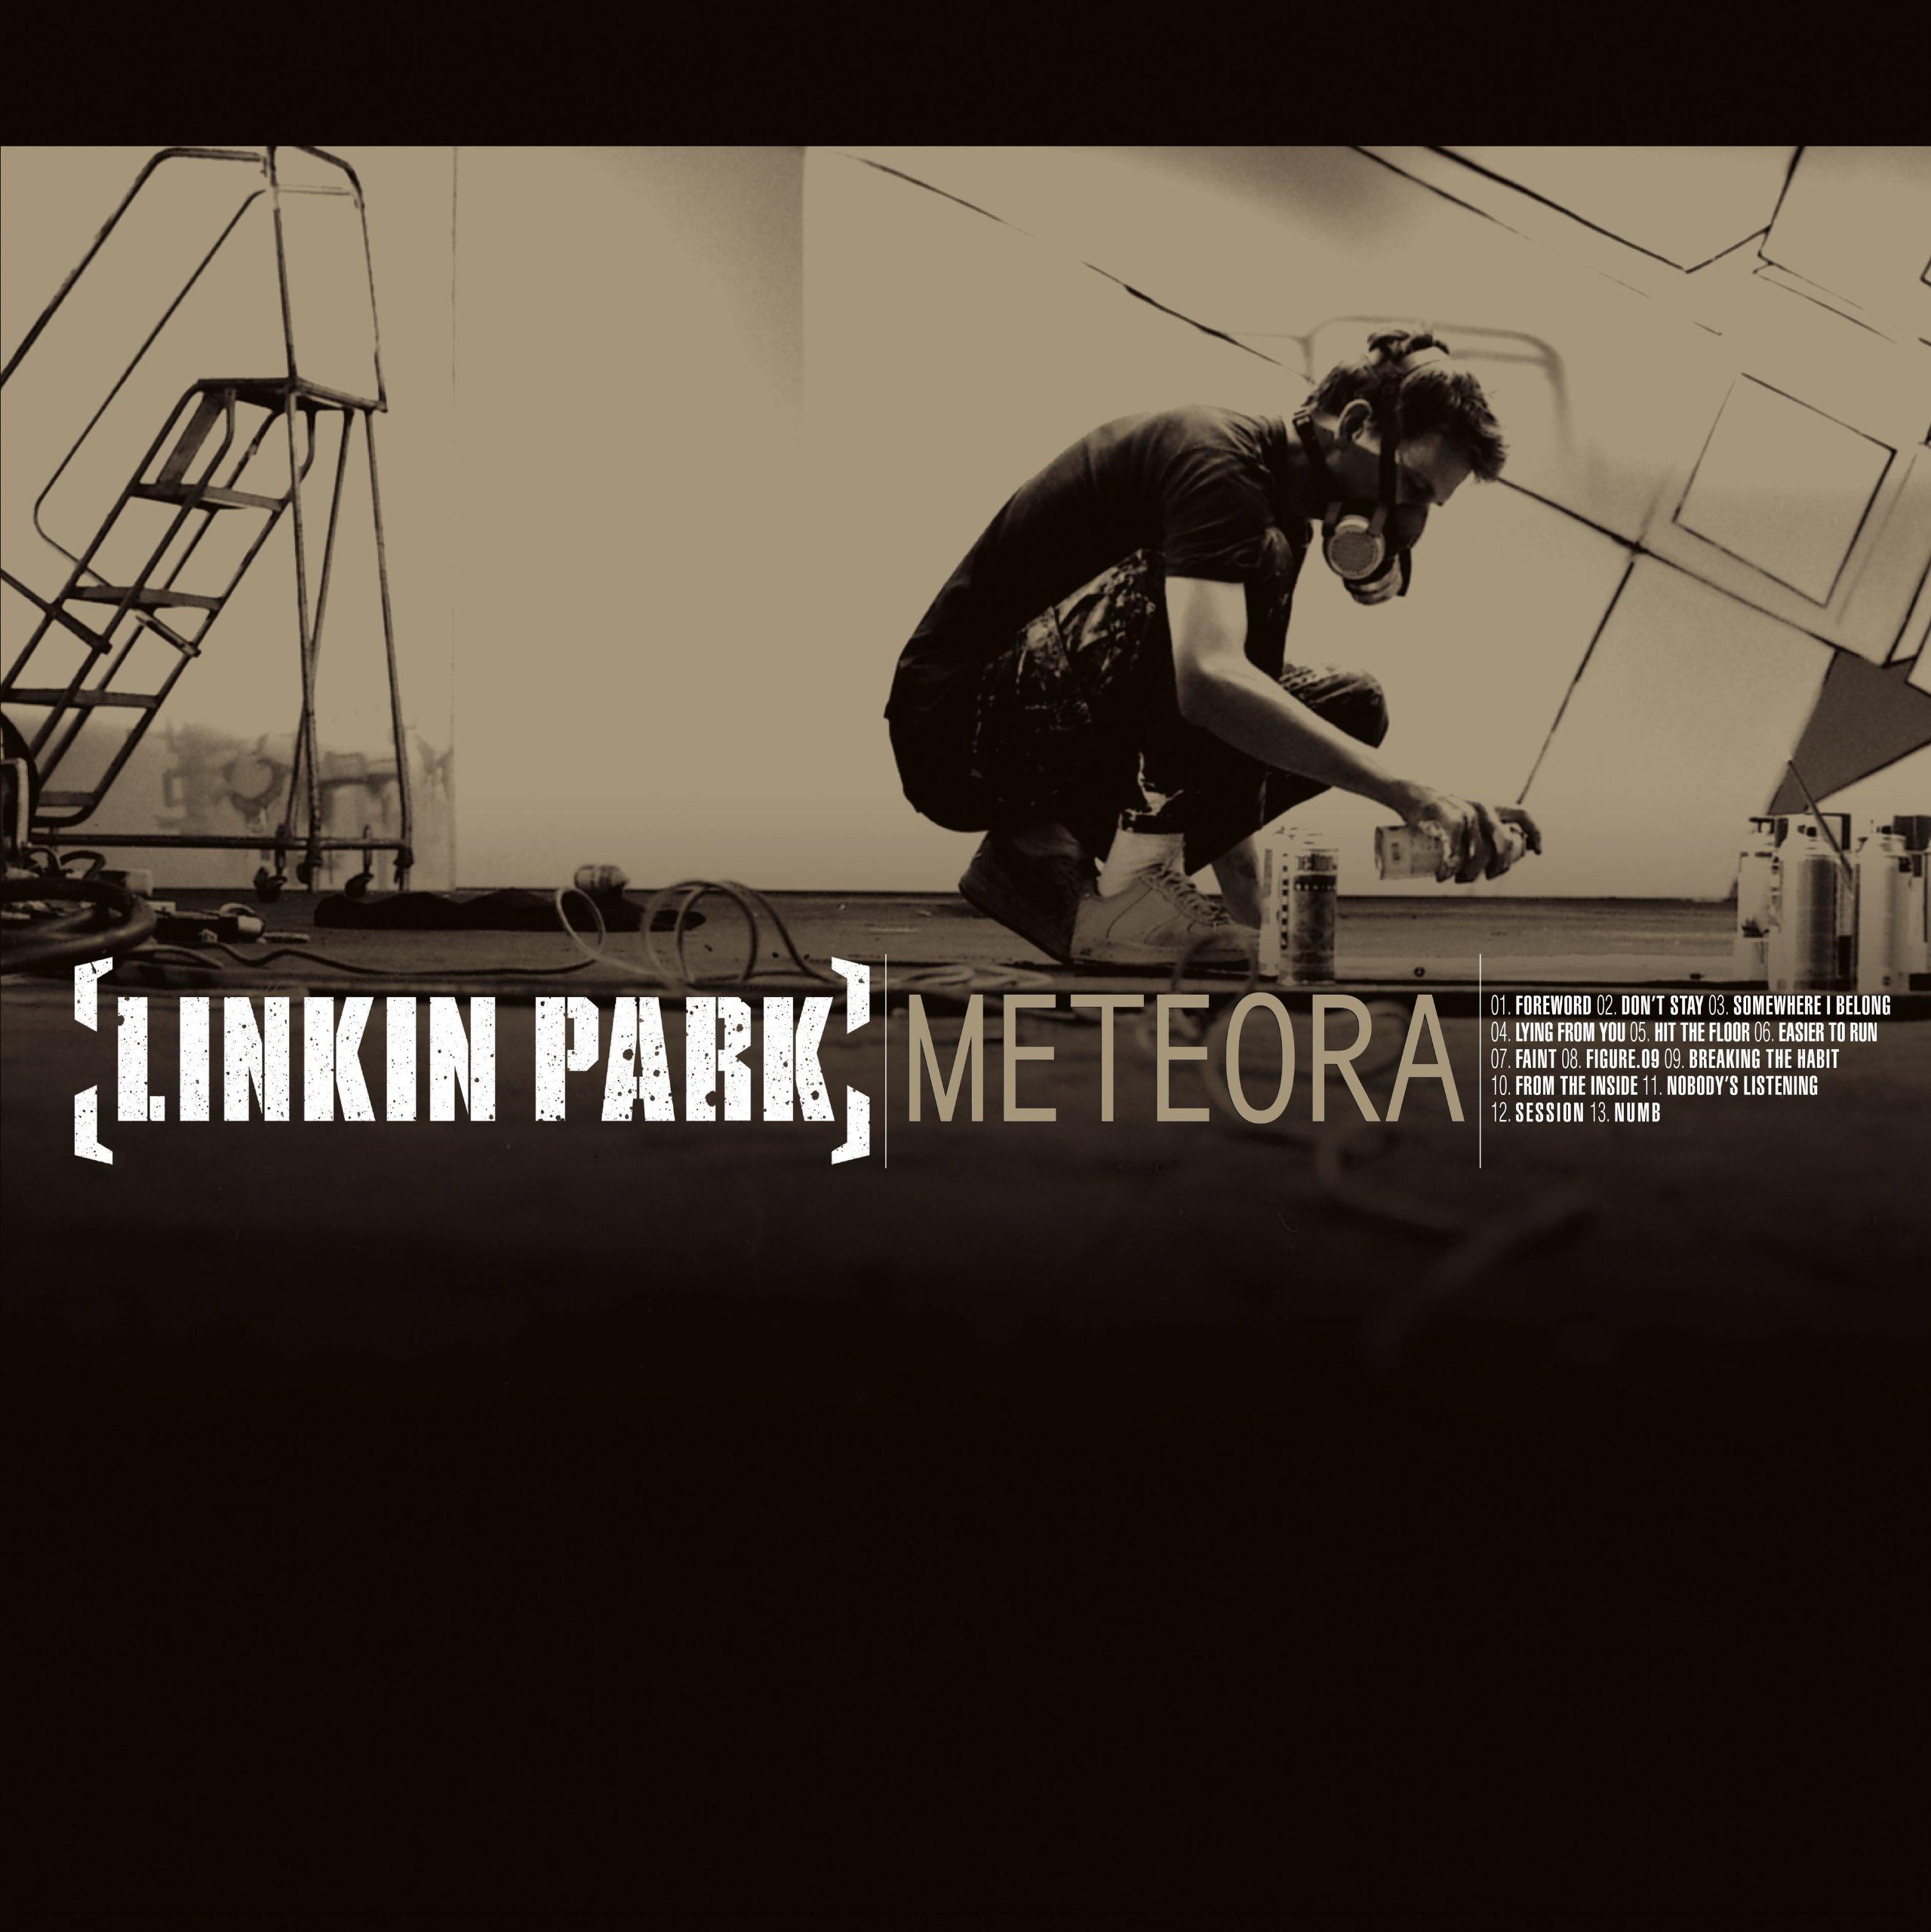 Meteora [Vinyl] by Warner Bros.